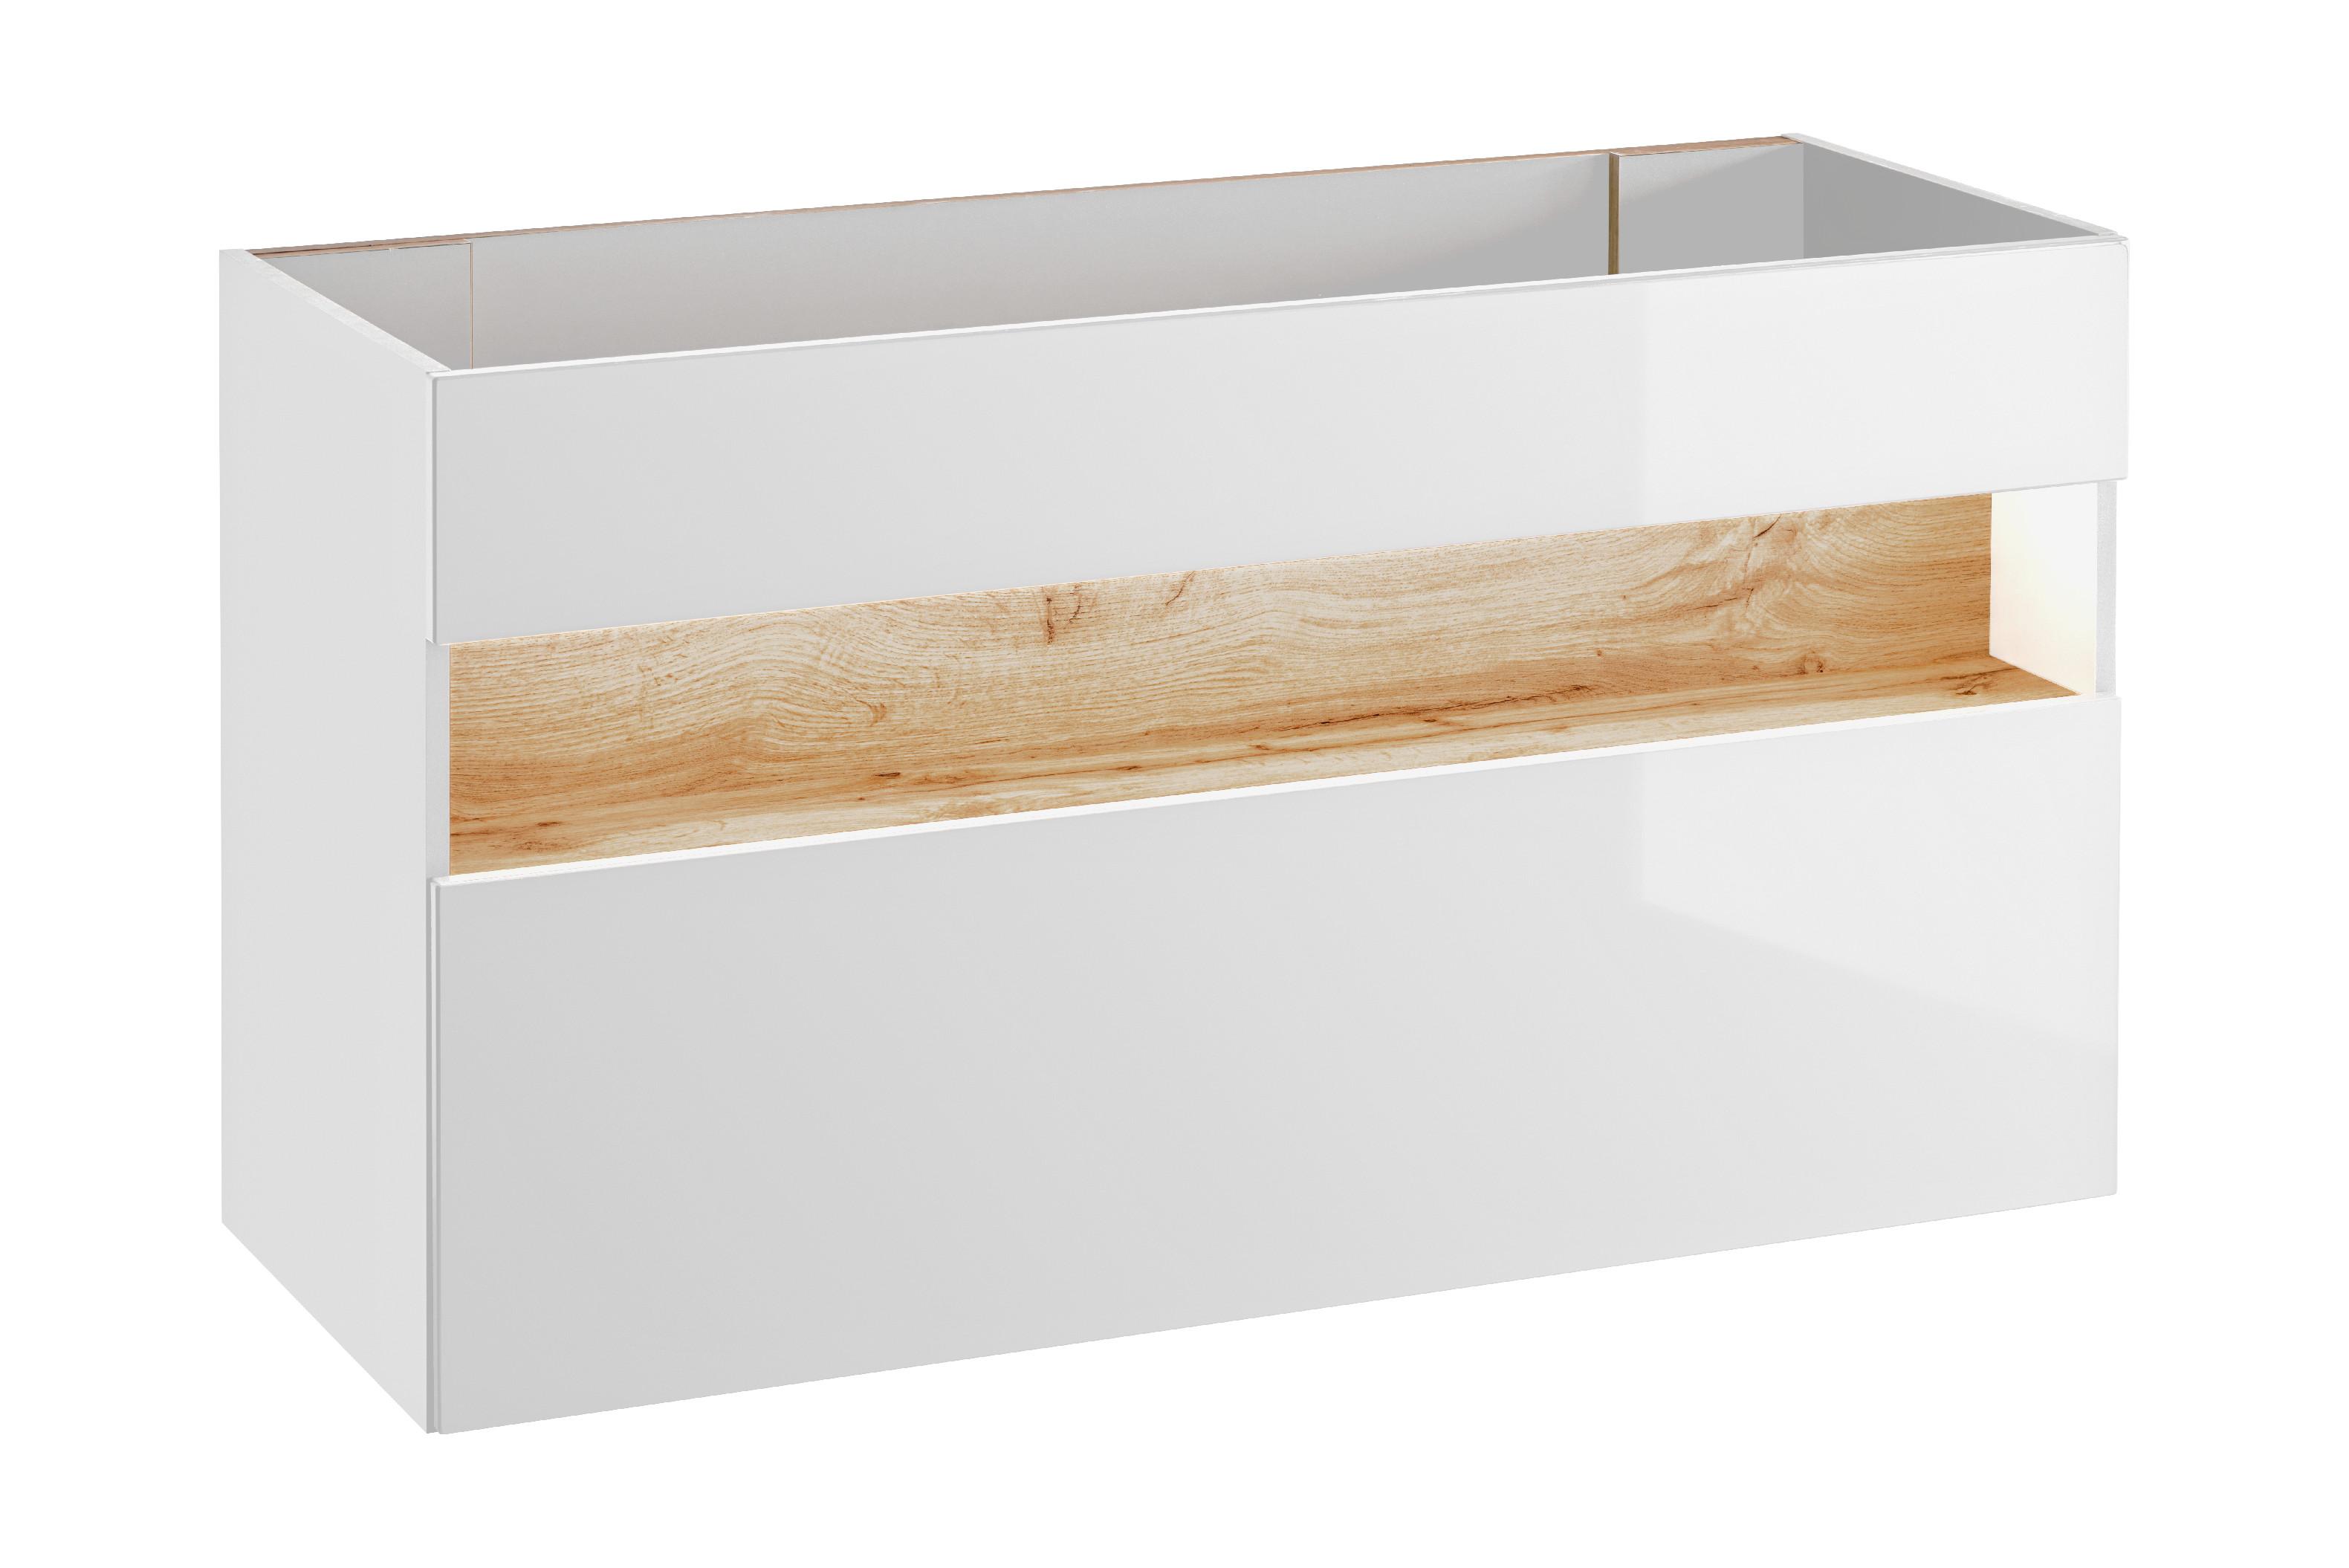 ArtCom Kúpeľňová zostava BAHAMA / white Bahama: skrinka pod umývadlo 120 cm - 854 | 68 x 120 x 46 cm